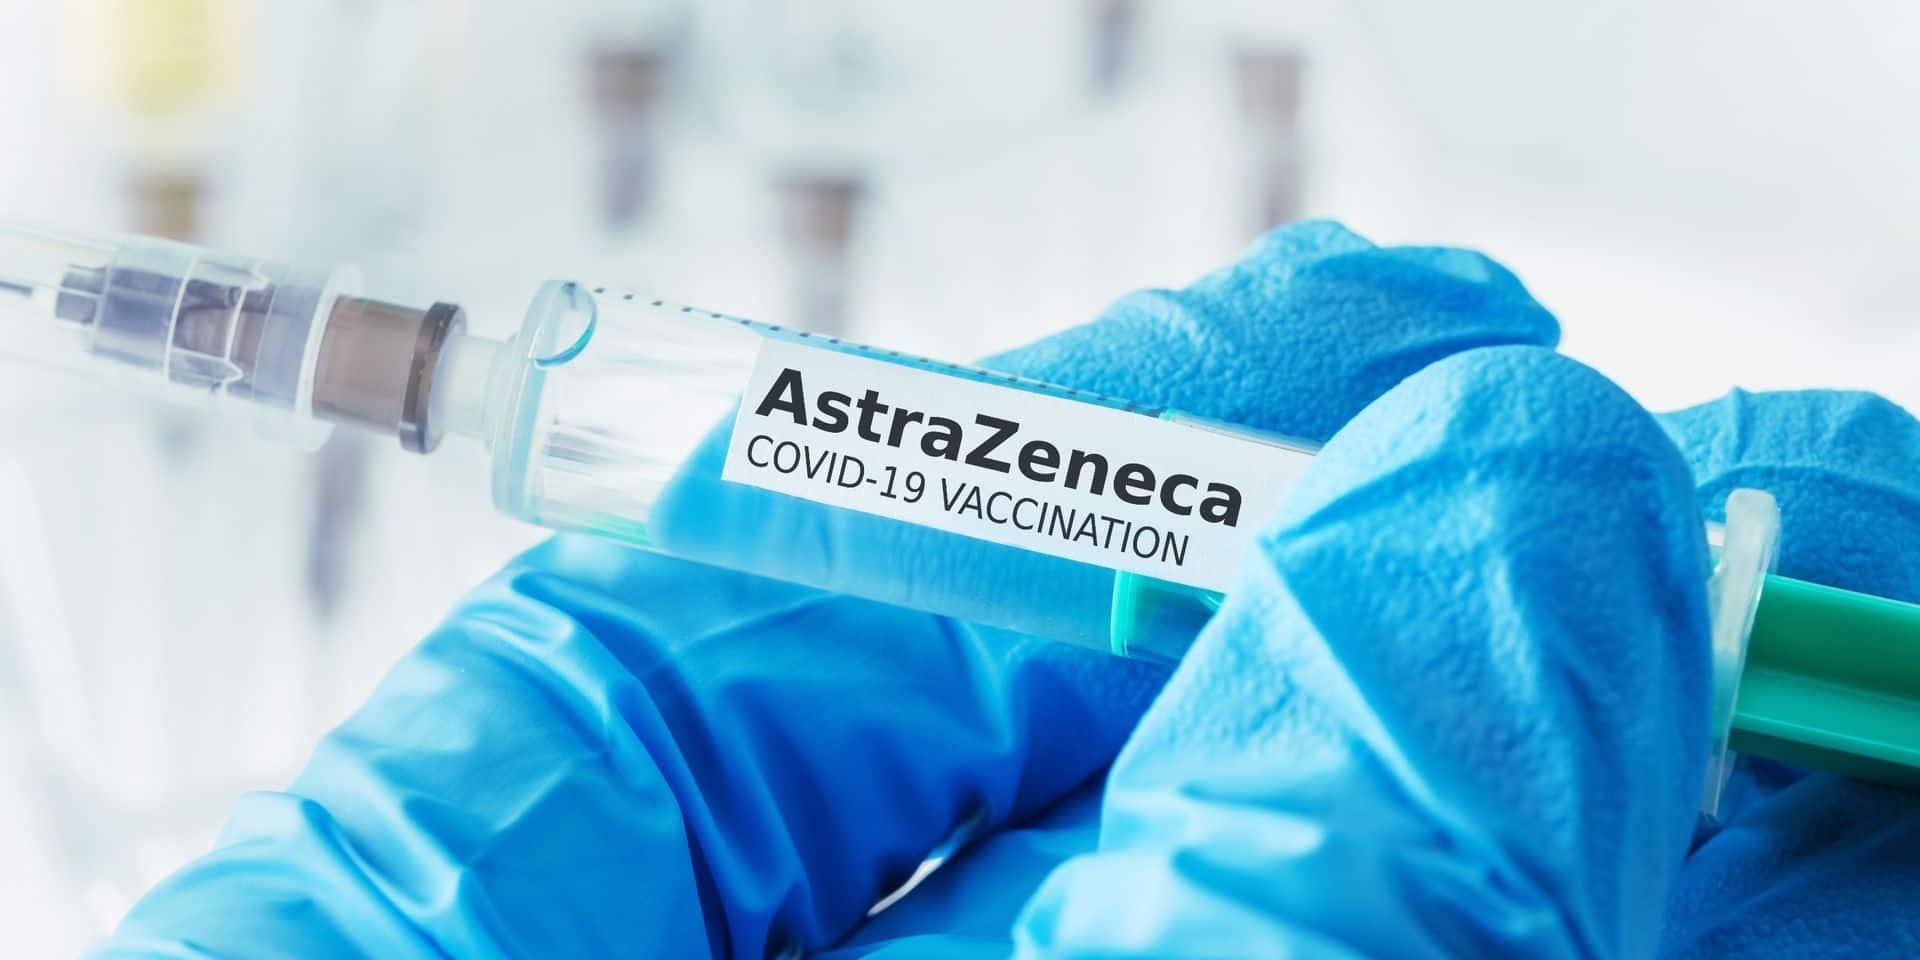 La confiance des Européens dans le vaccin AstraZeneca a chuté ces deux dernières semaines